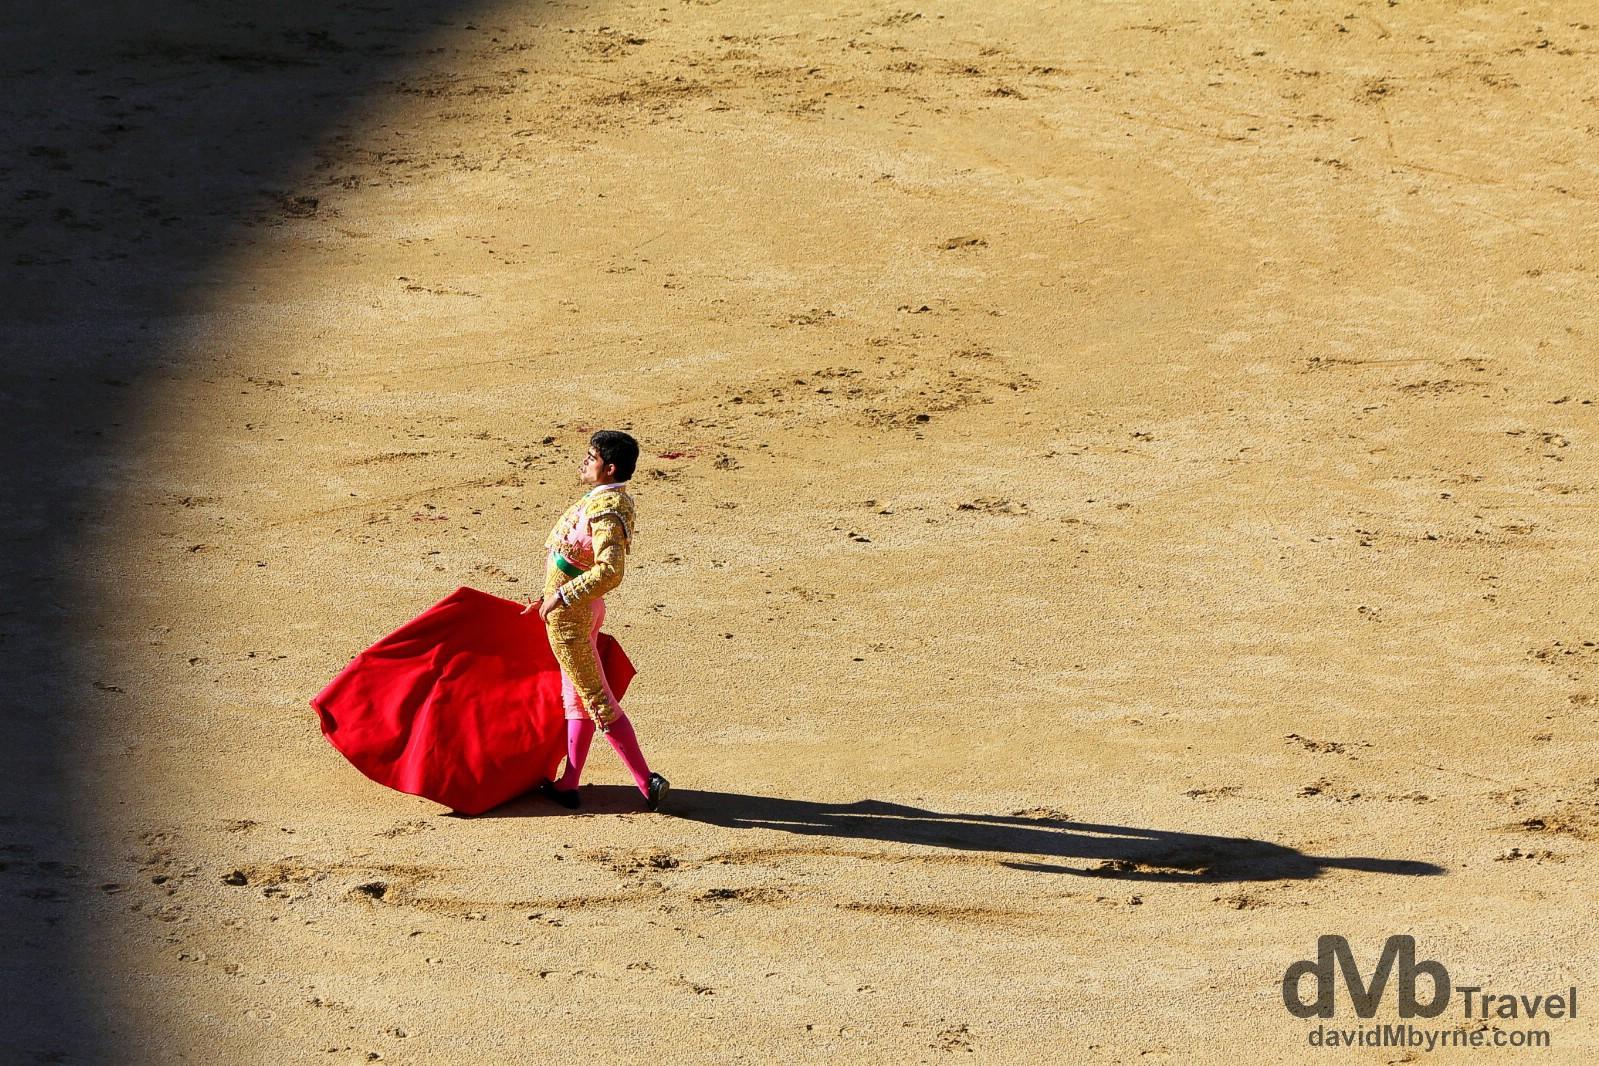 A Matador in action in Plaza de Toros, Las Ventas, Madrid, Spain. June 15th, 2014.